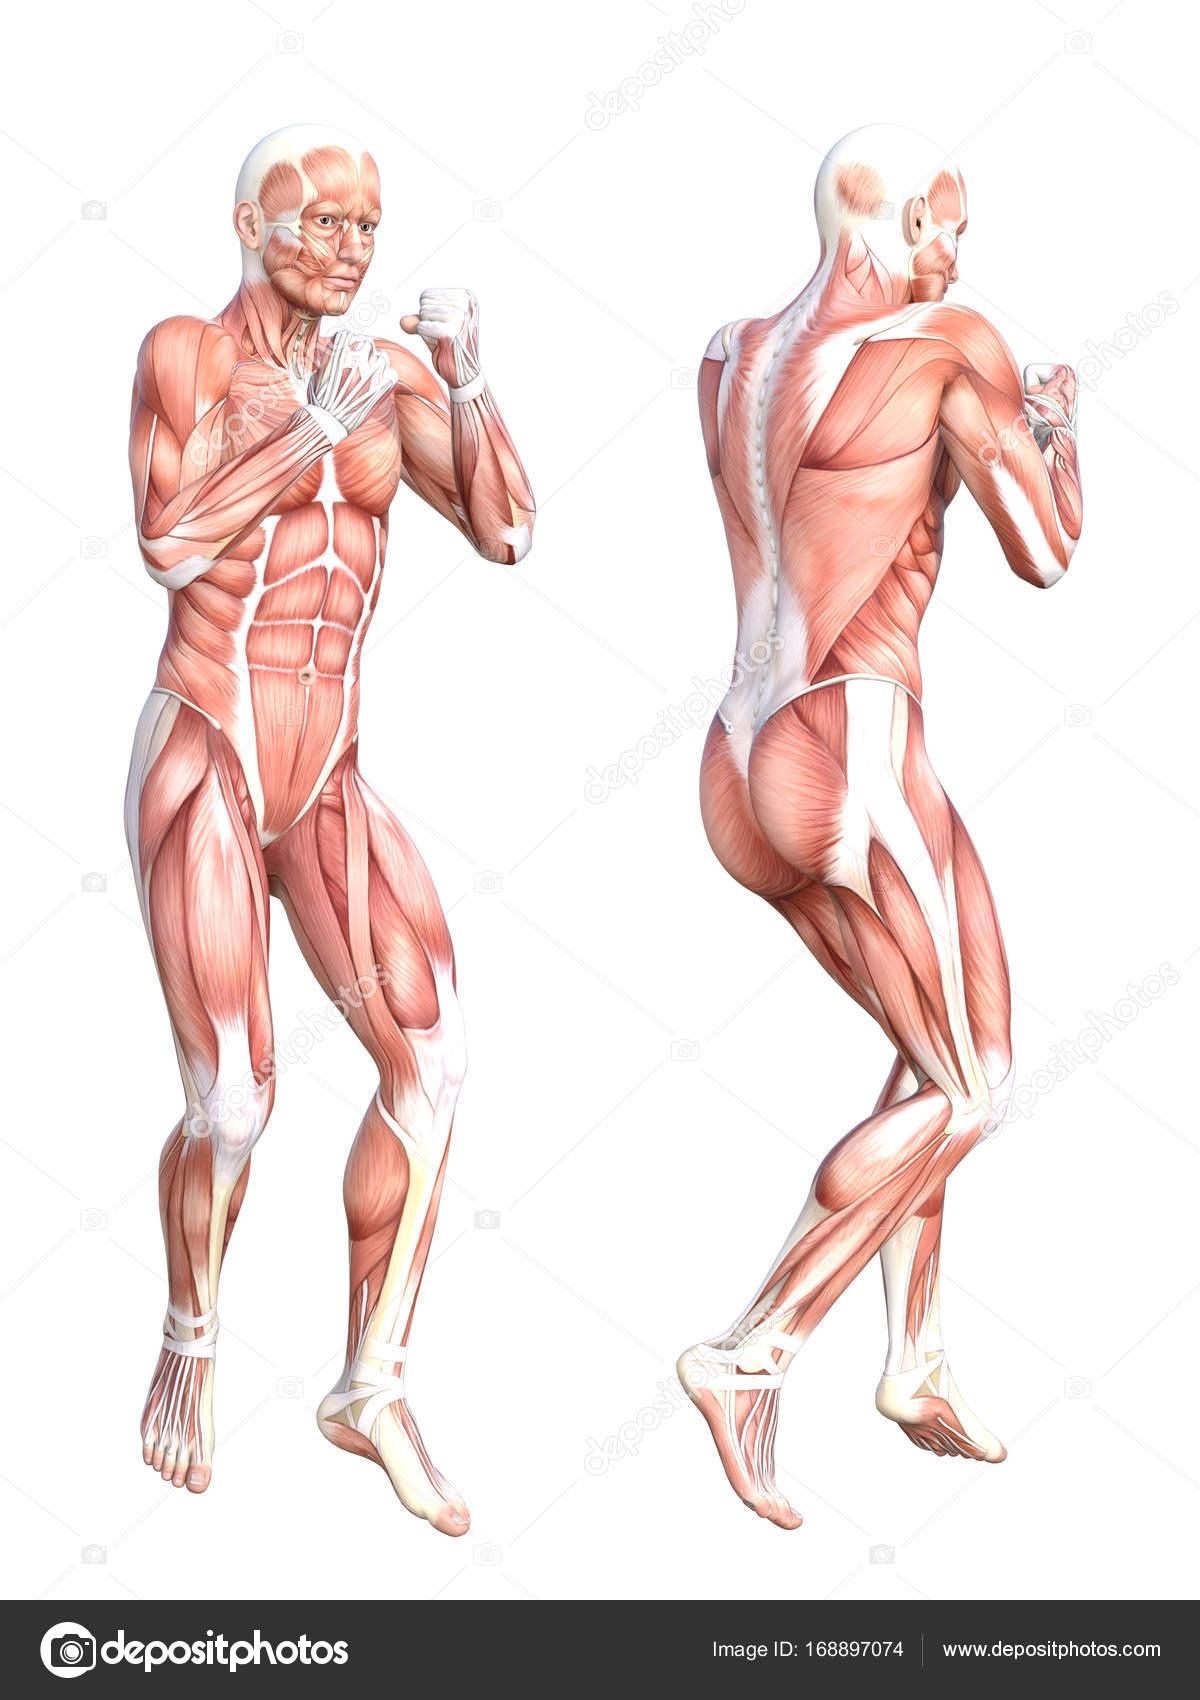 Sistema muscular humano sin piel — Fotos de Stock © design36 #168897074